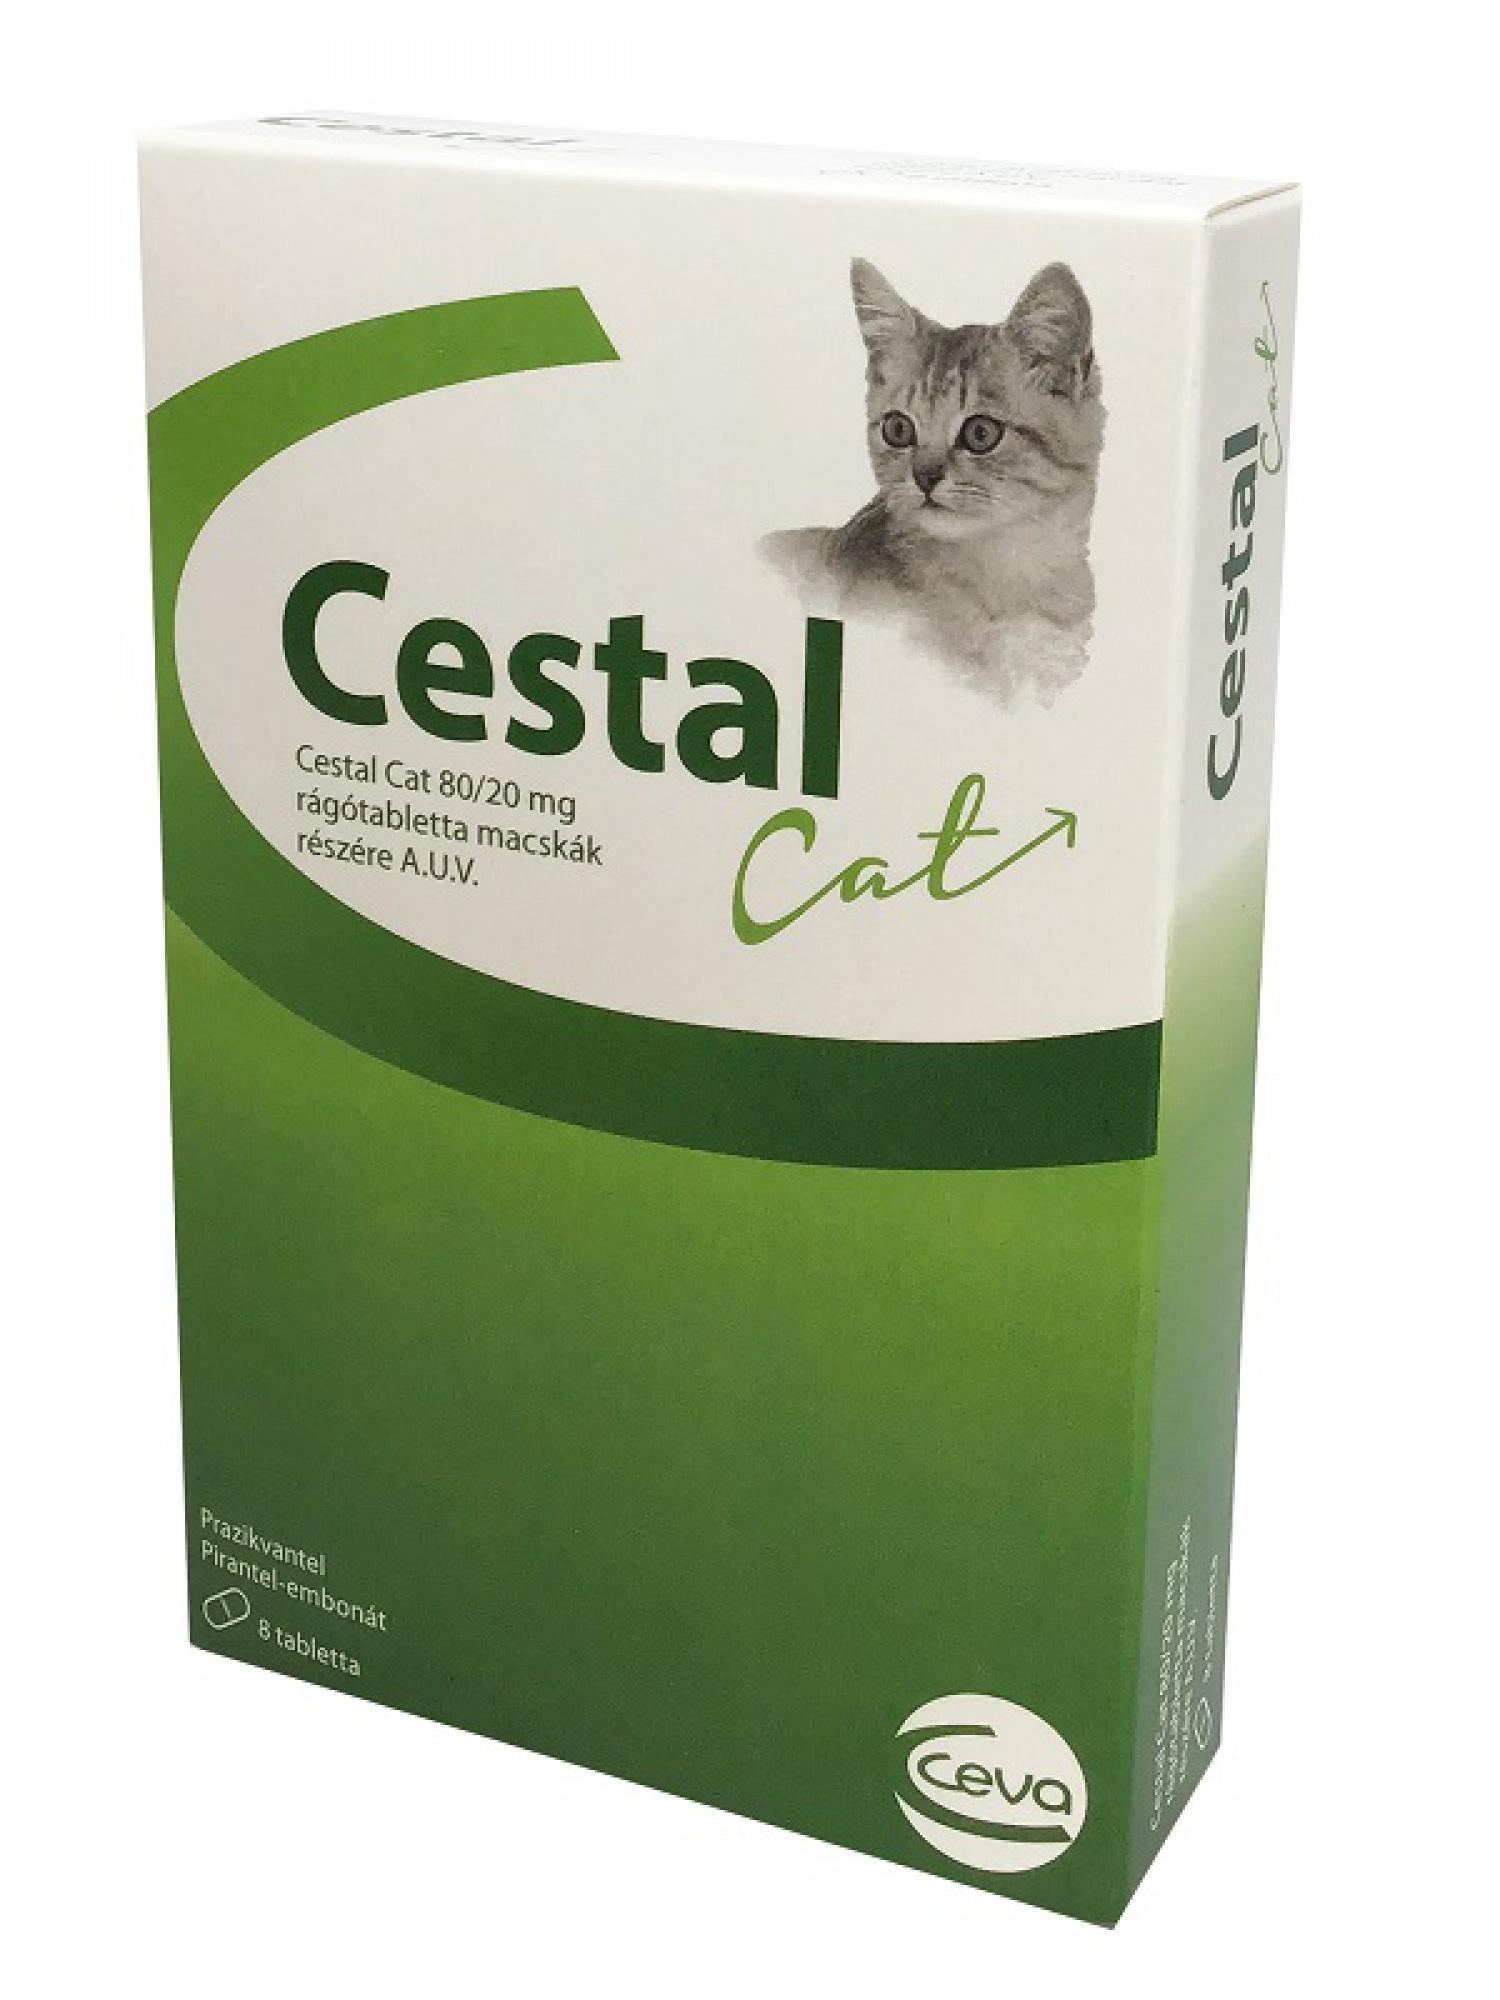 Cestal Cat 8X